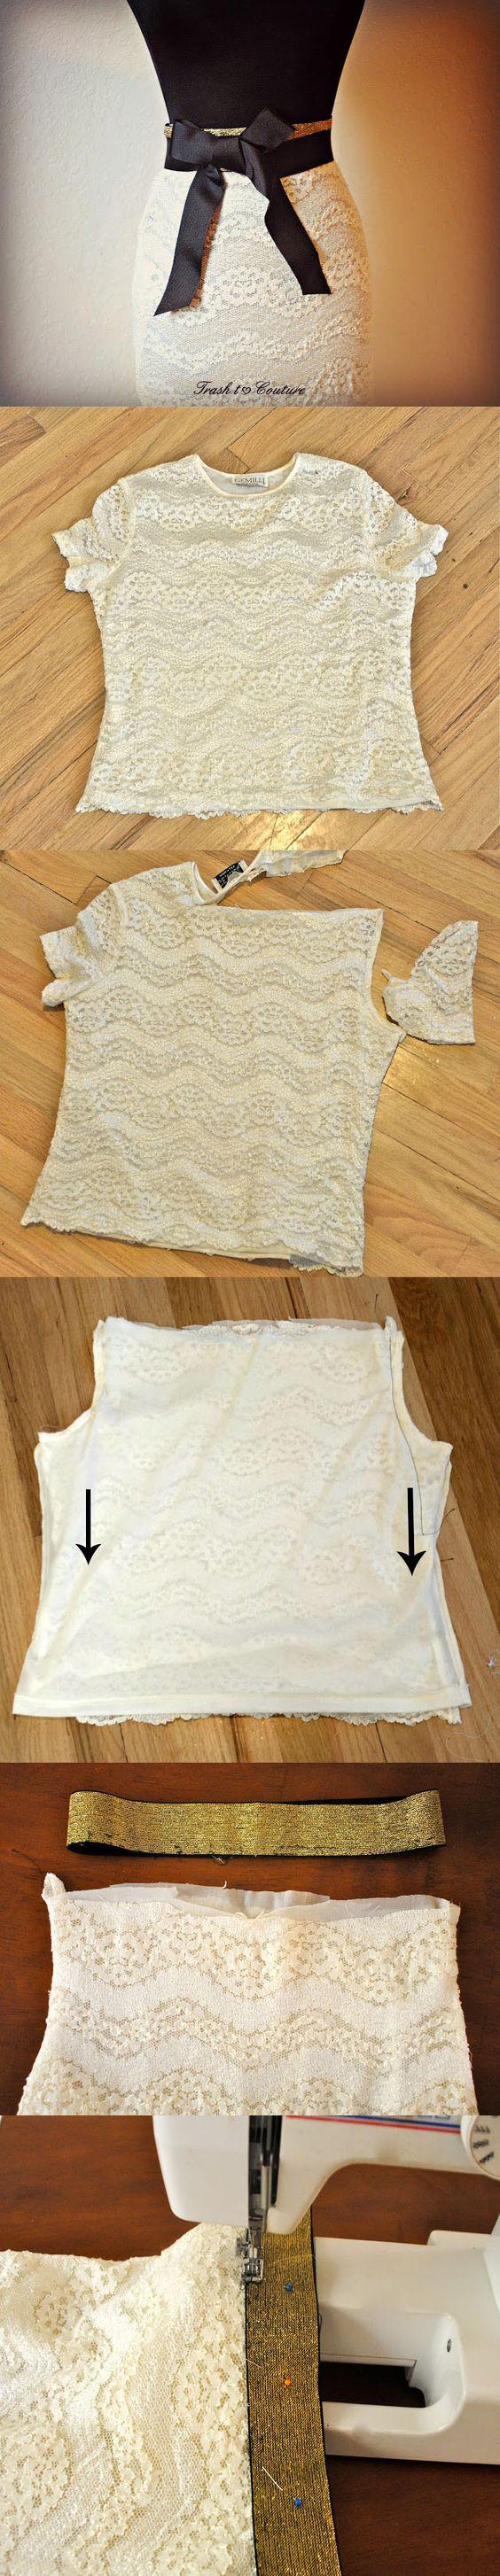 Cute diy skirt: